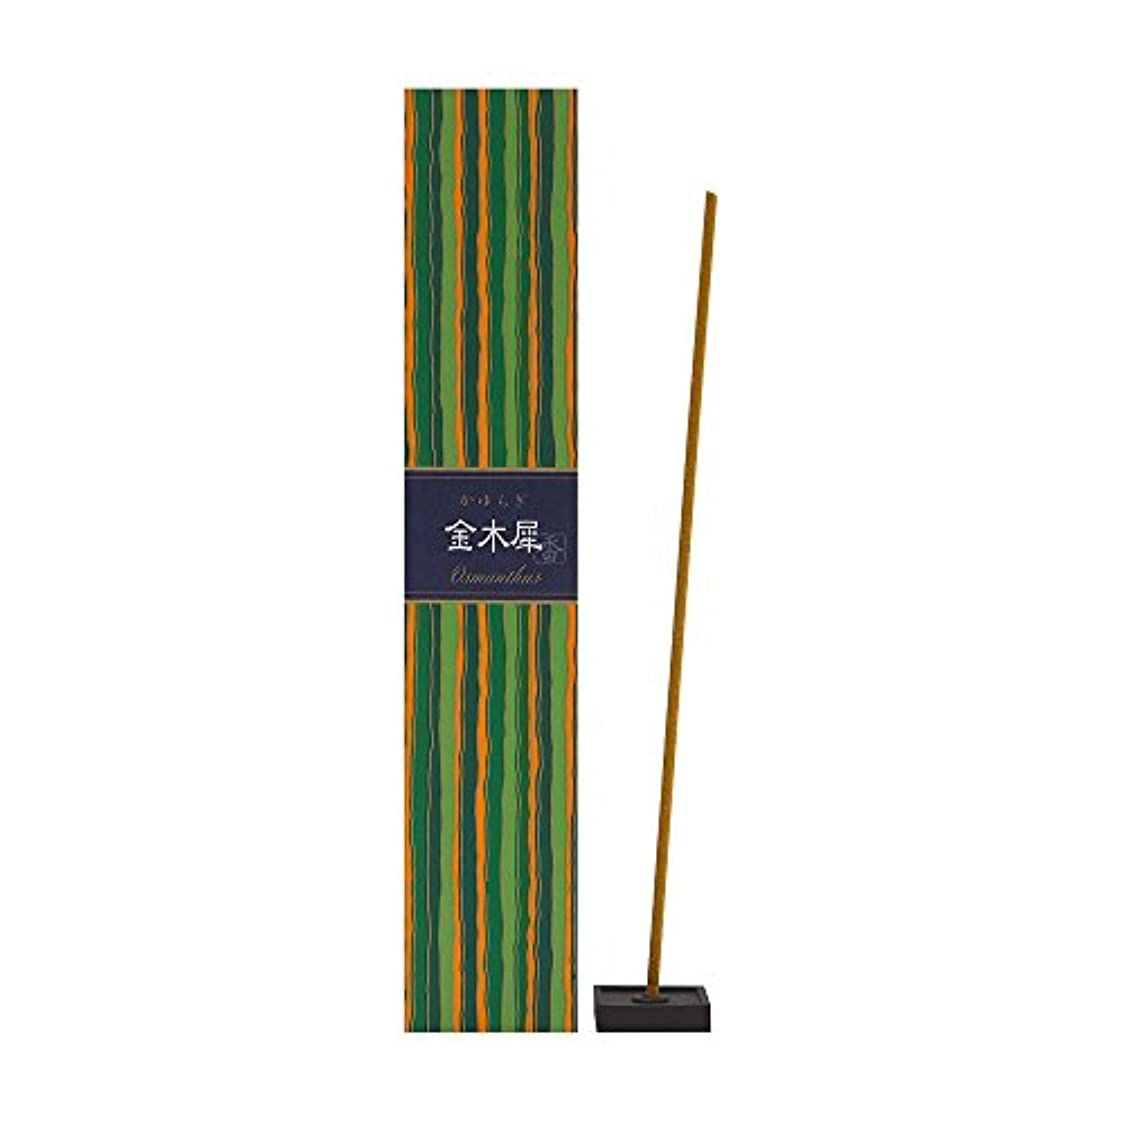 今まで少しはずNippon Kodo – Kayuragi – Osmanthus 40 Sticks 1 38404